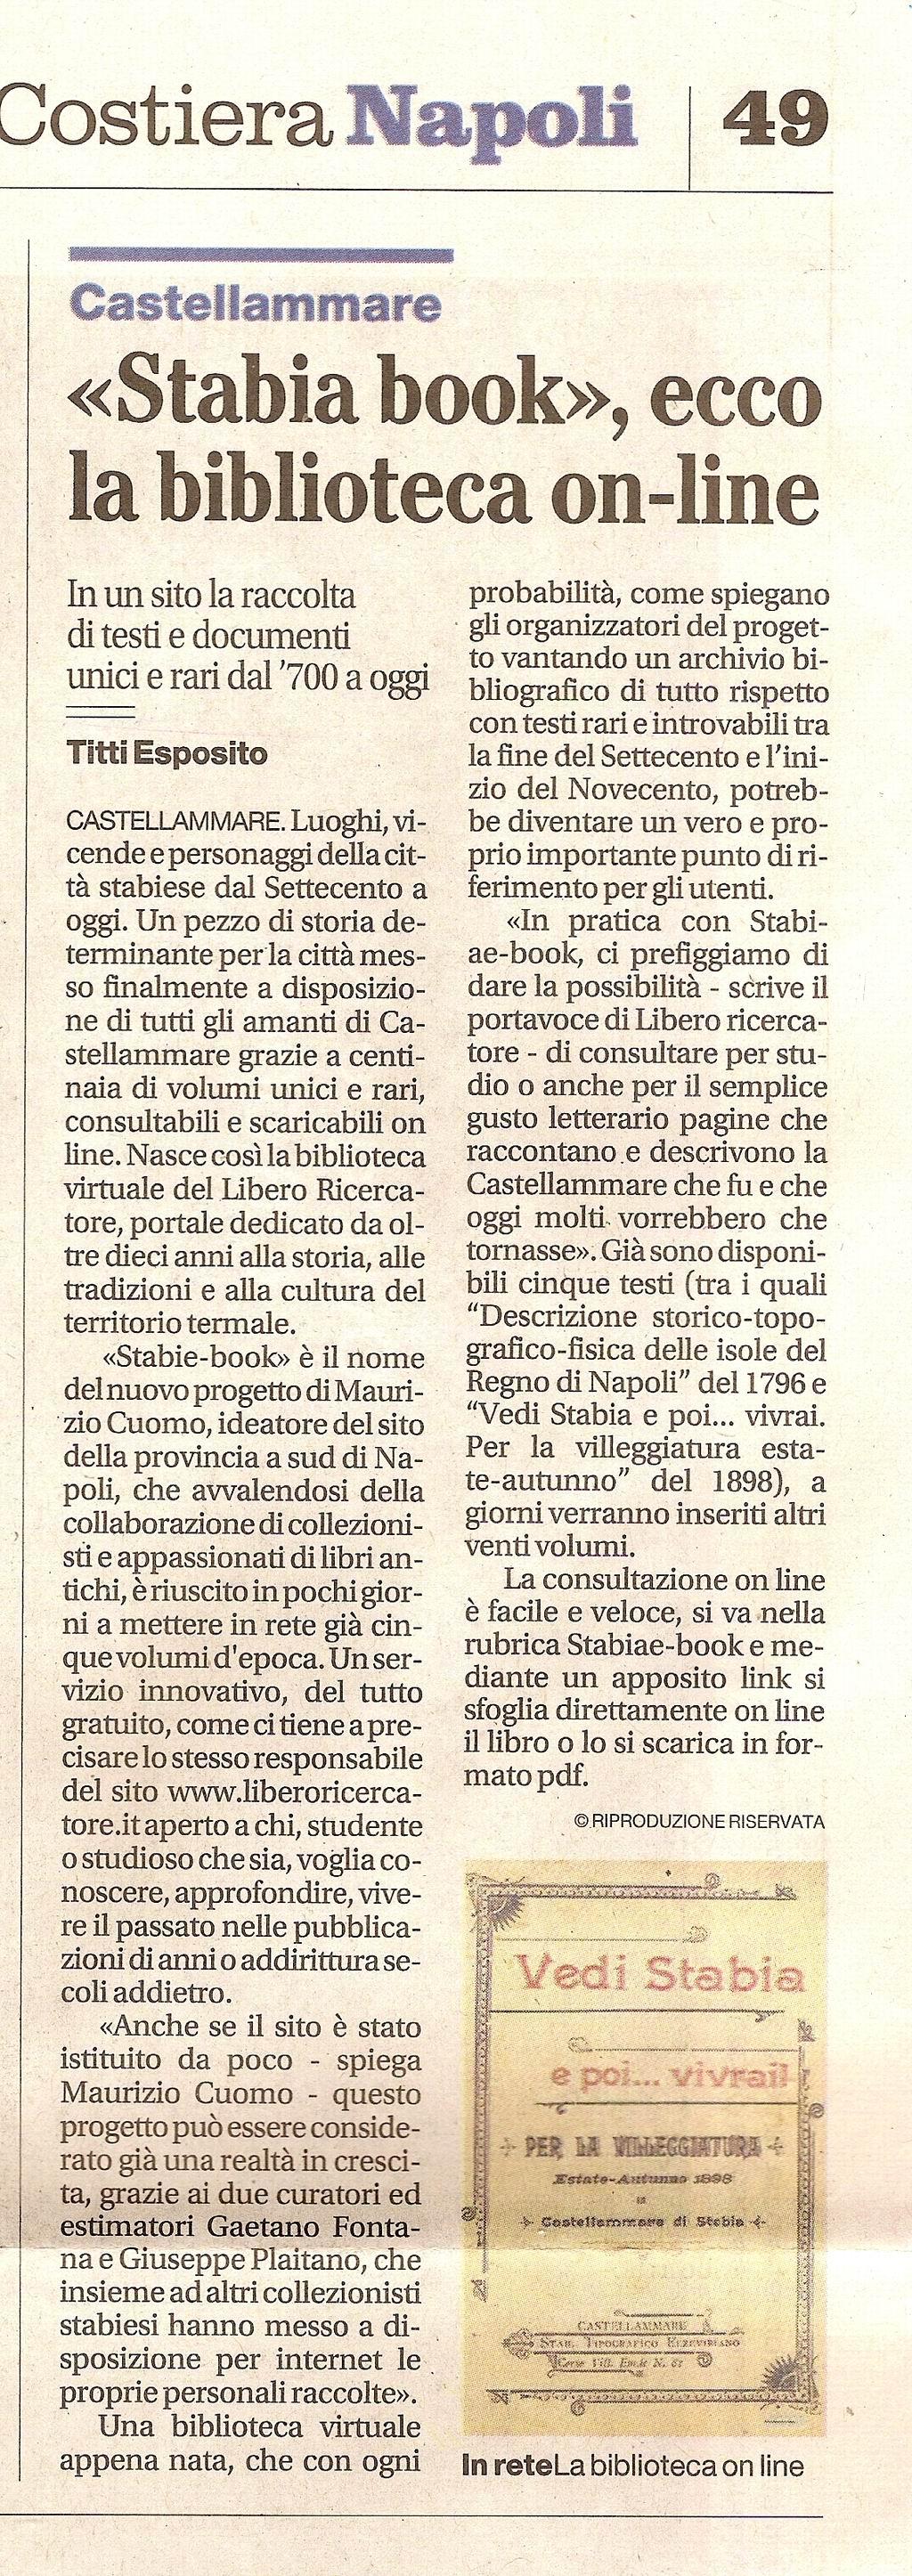 Il Mattino – Titti Esposito (25 marzo 2010)